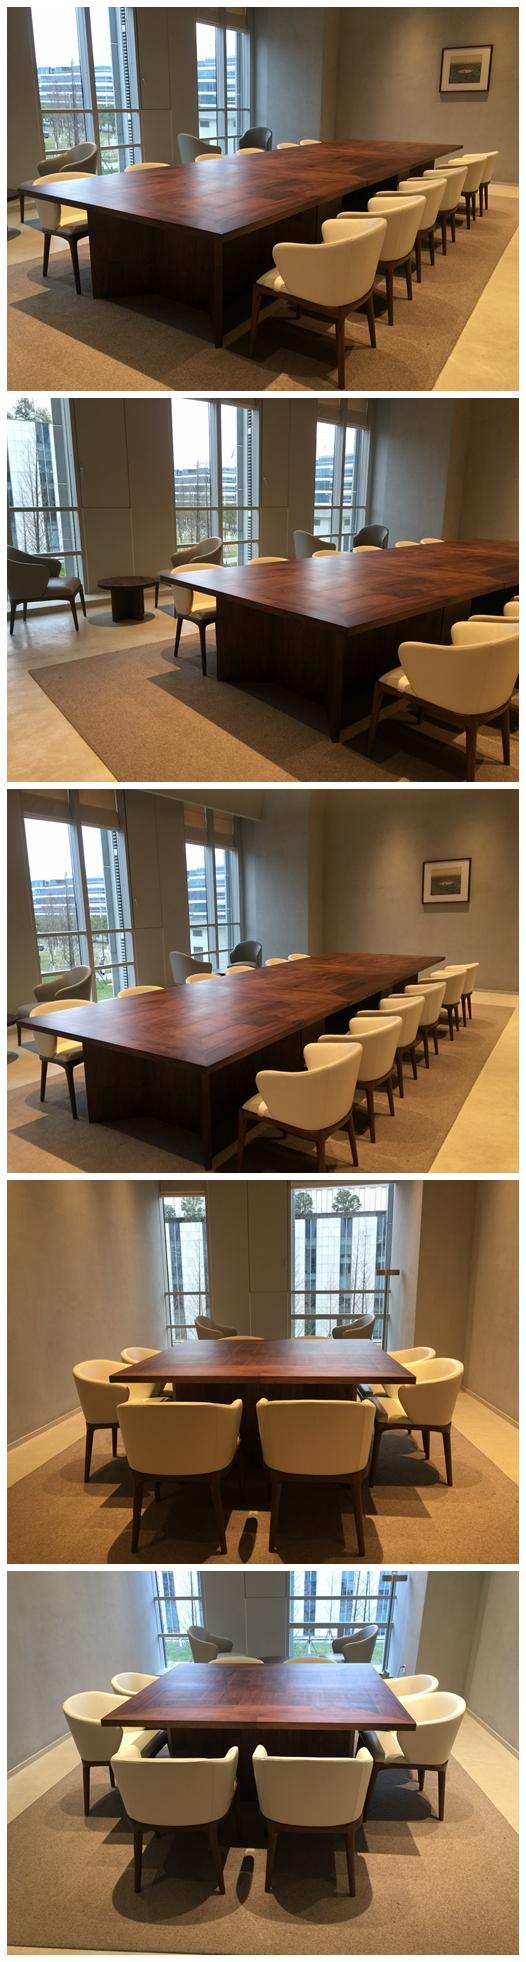 上海建筑装潢材料_上海蒙程建筑装饰材料有限公司